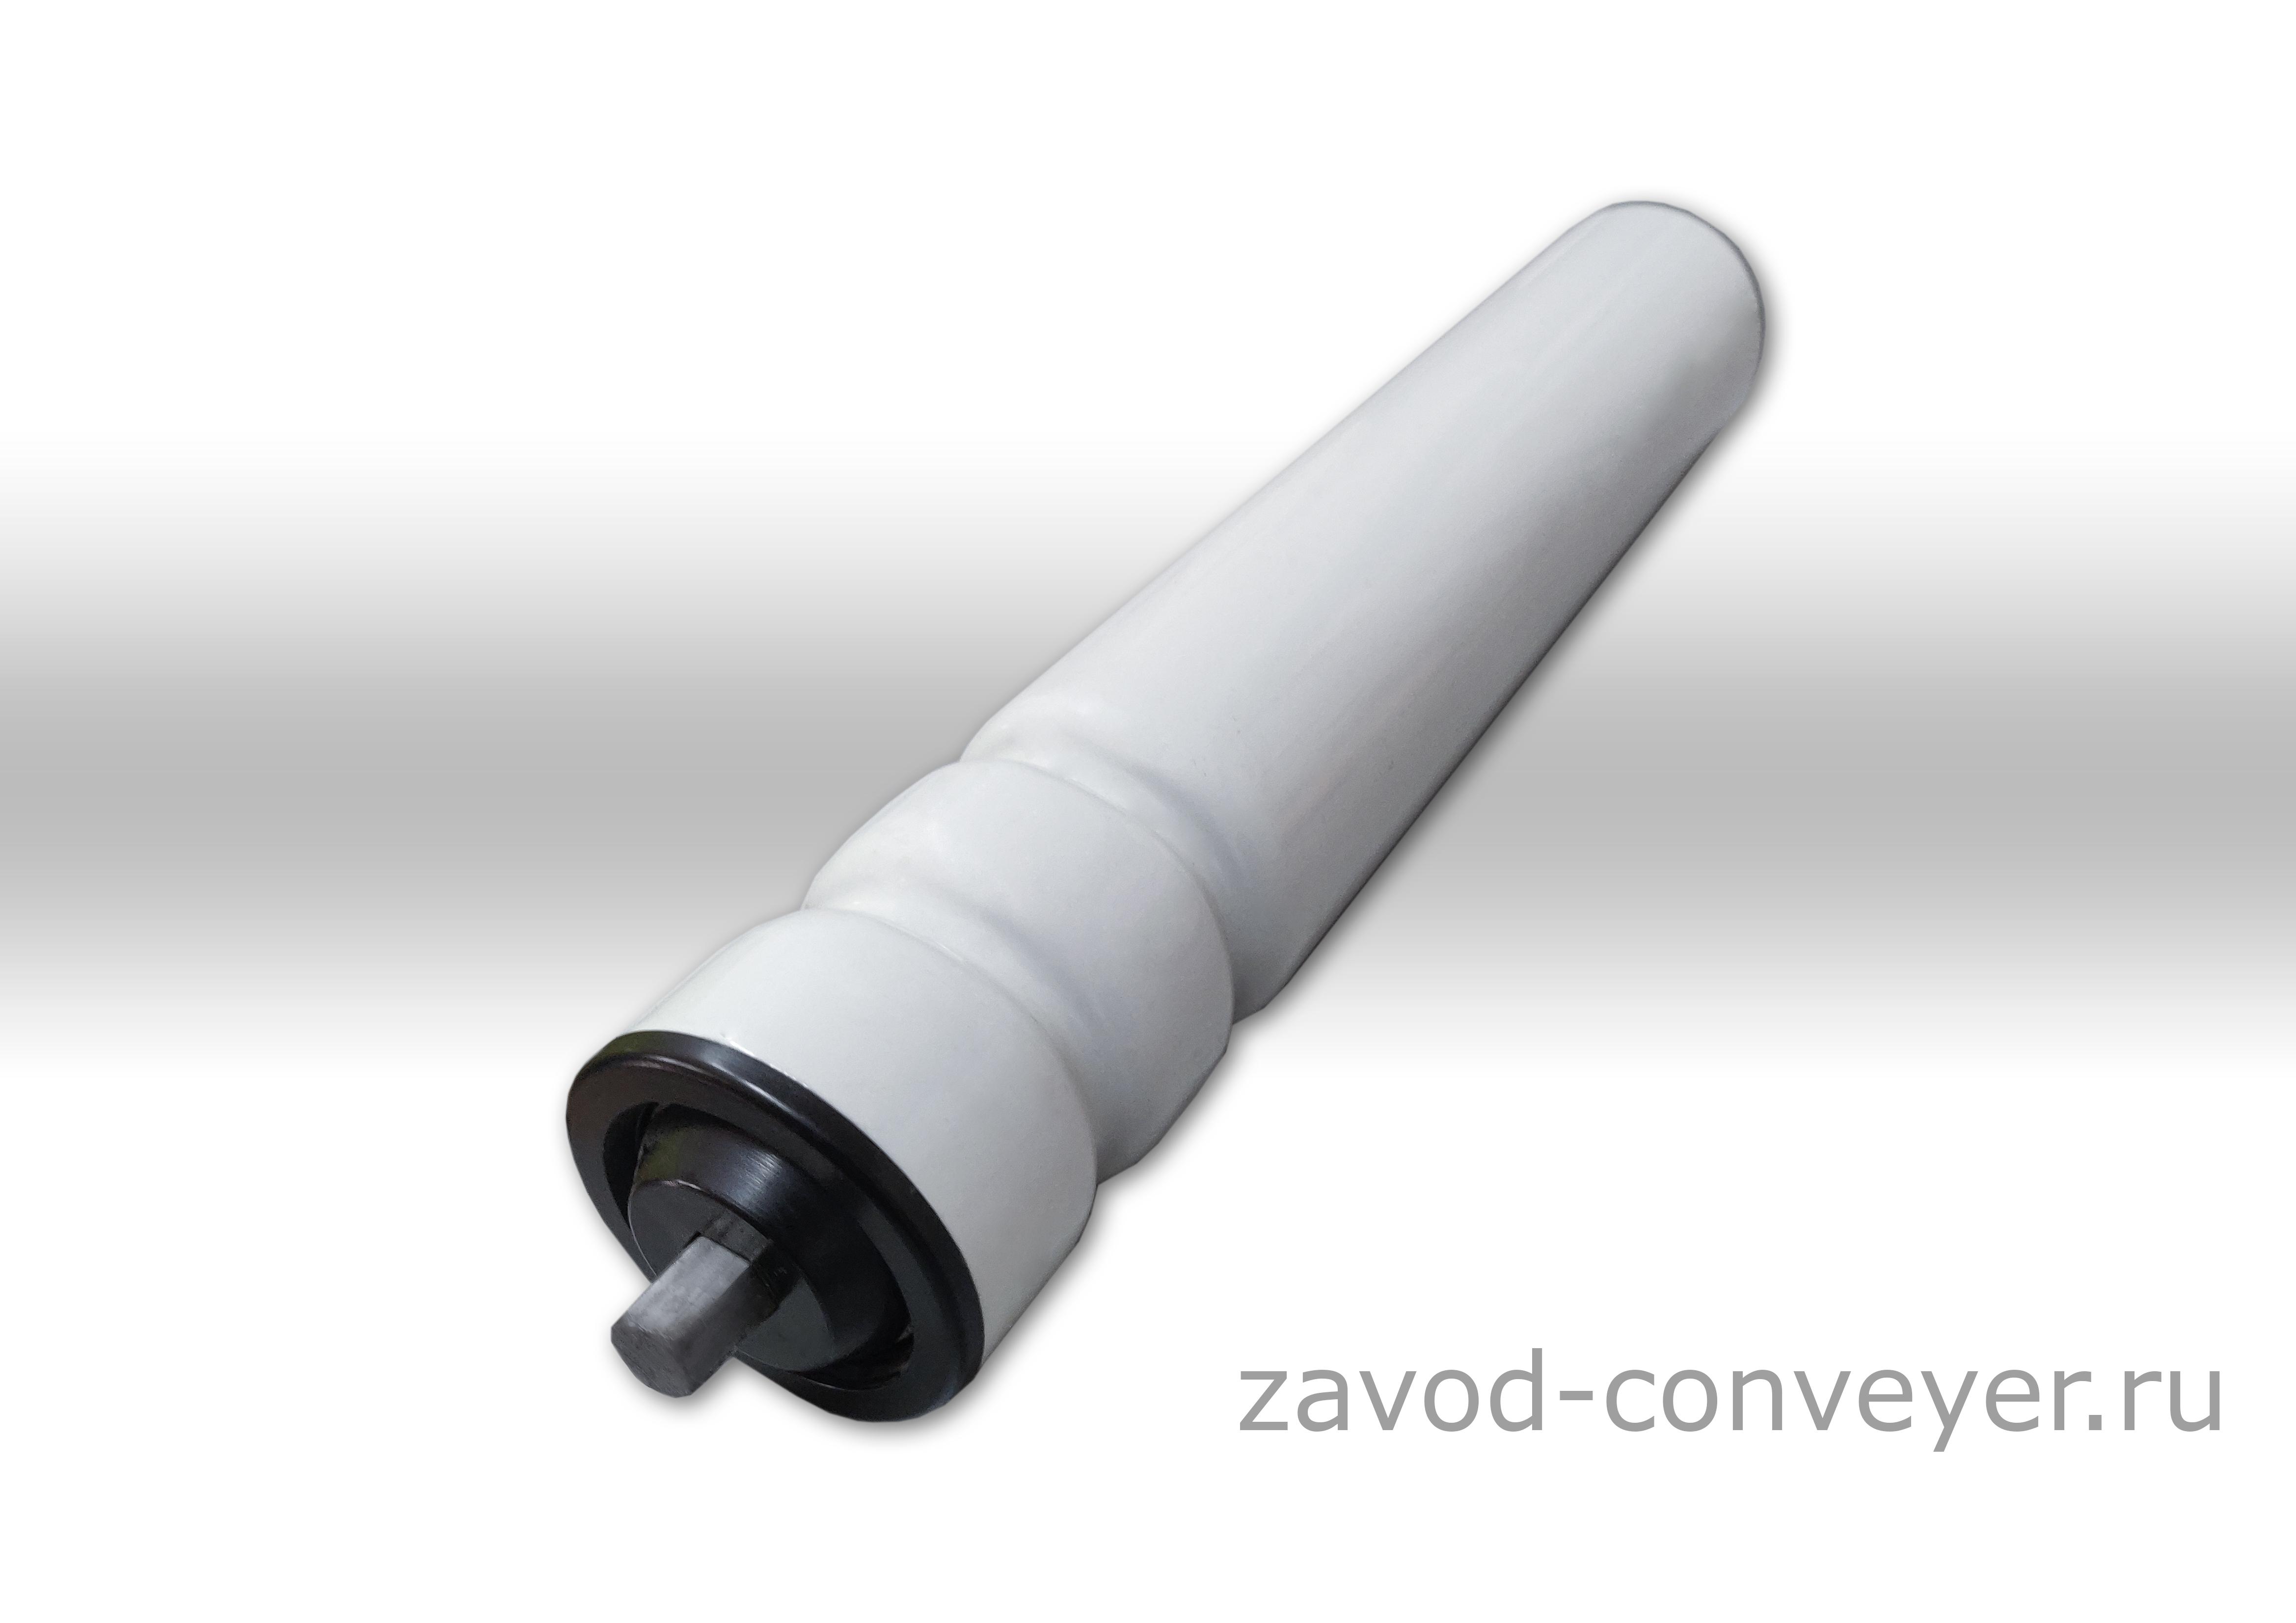 Ролик конвейерный приводной стальной D48/L200